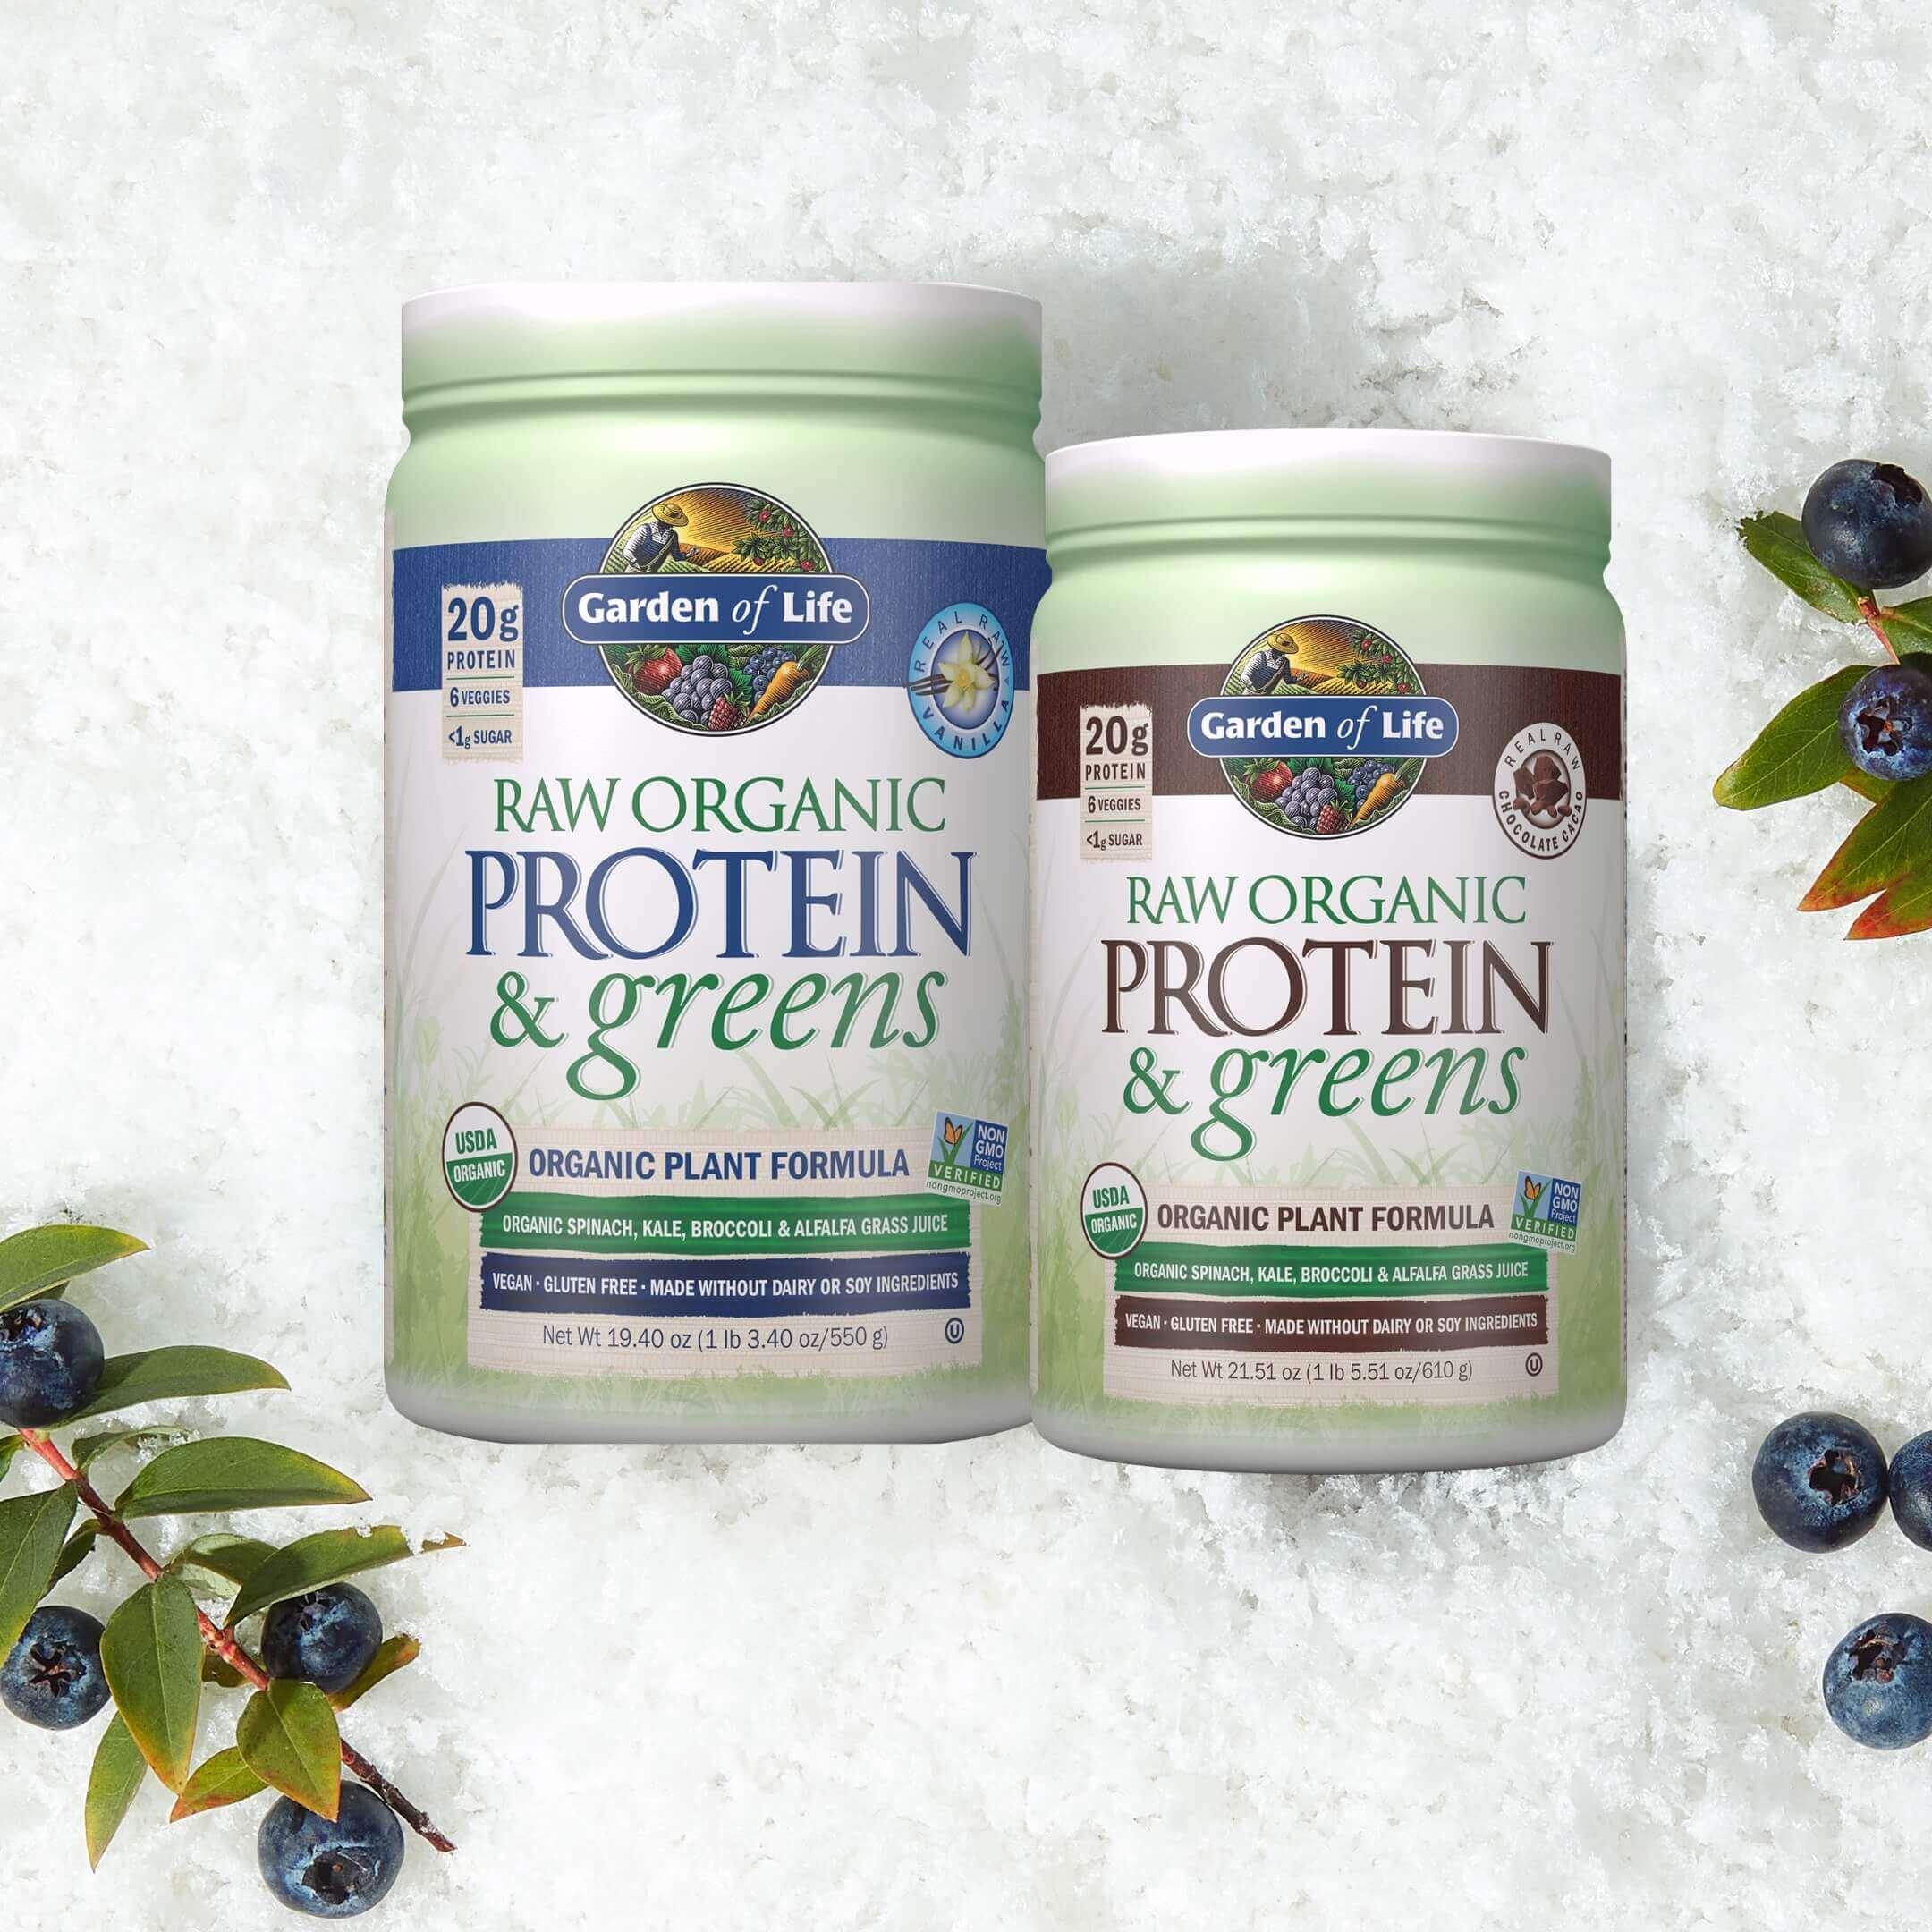 無論您是想要增肌還是從植物蛋白中獲取更多營養,我們都有您需要的那一款蛋白粉。